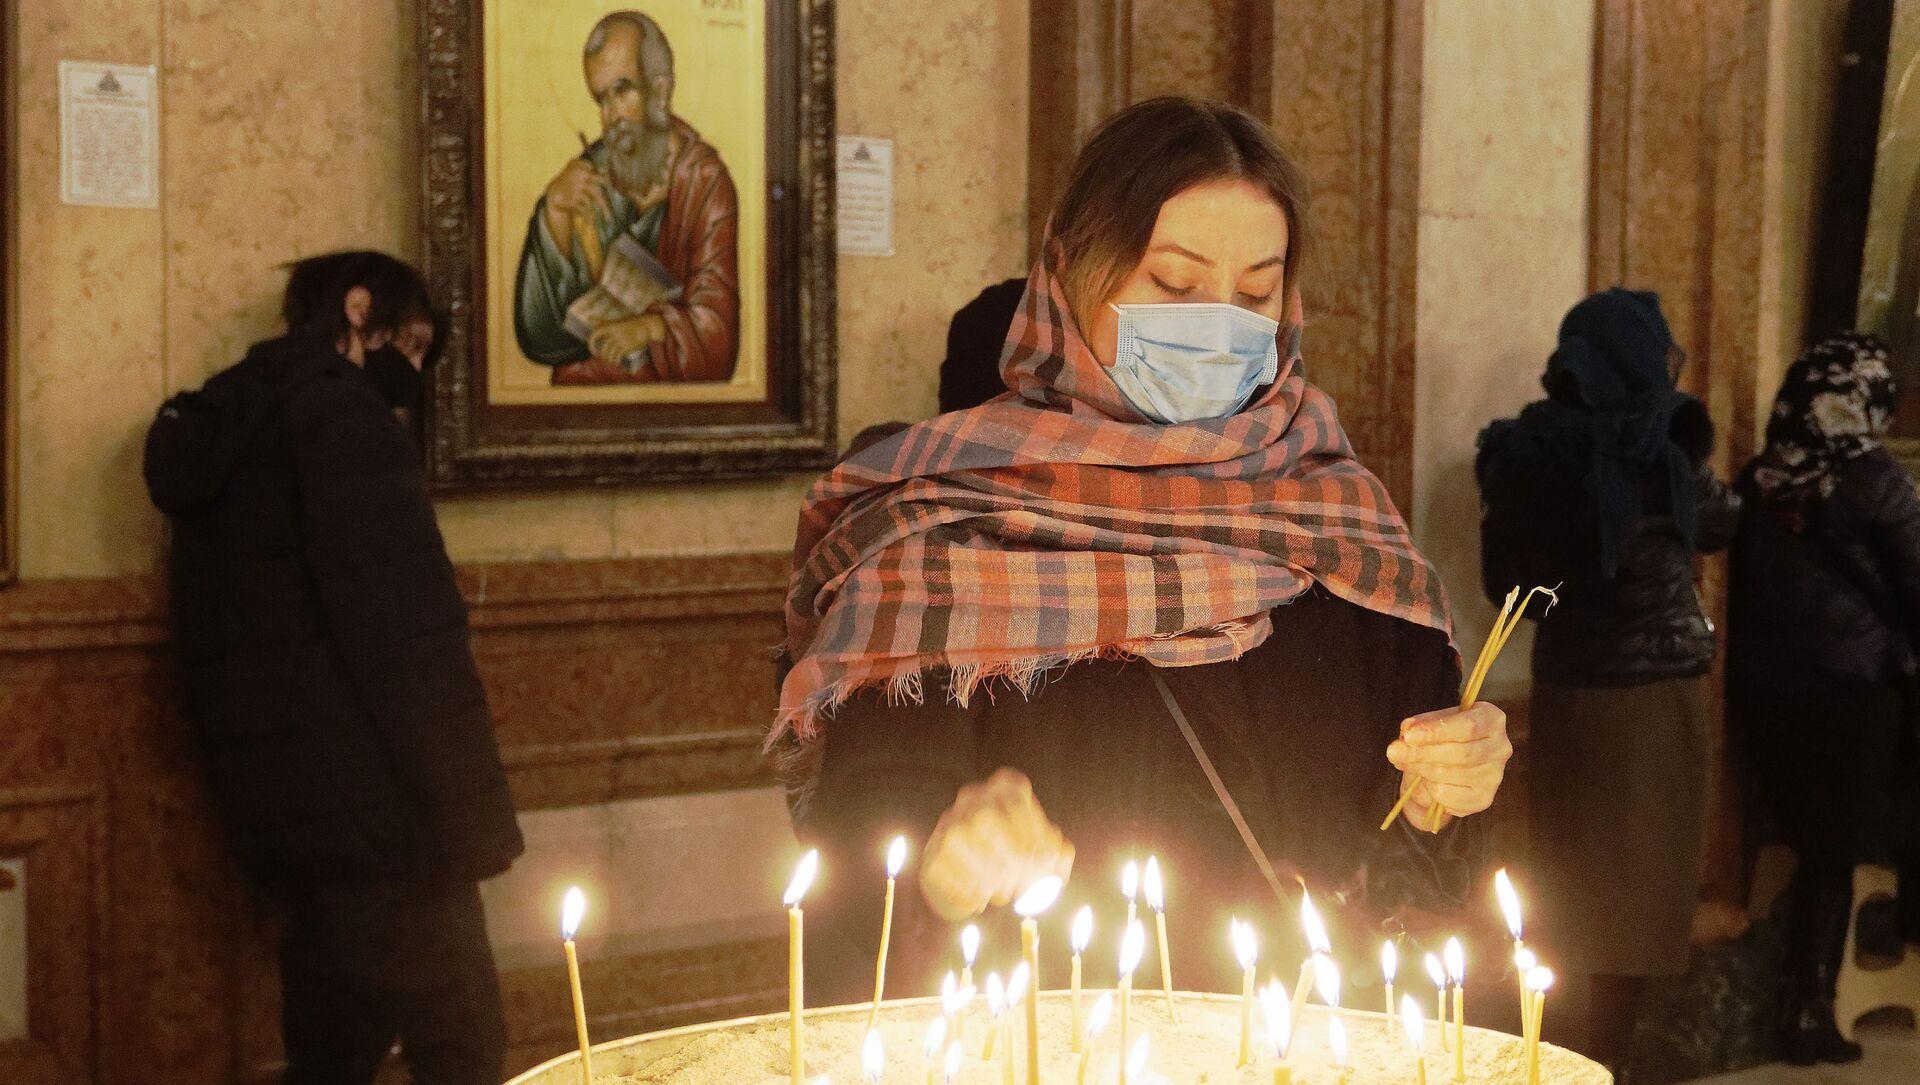 Религия и православие. Верующие в церкви зажигают свечи - Sputnik Грузия, 1920, 02.04.2021